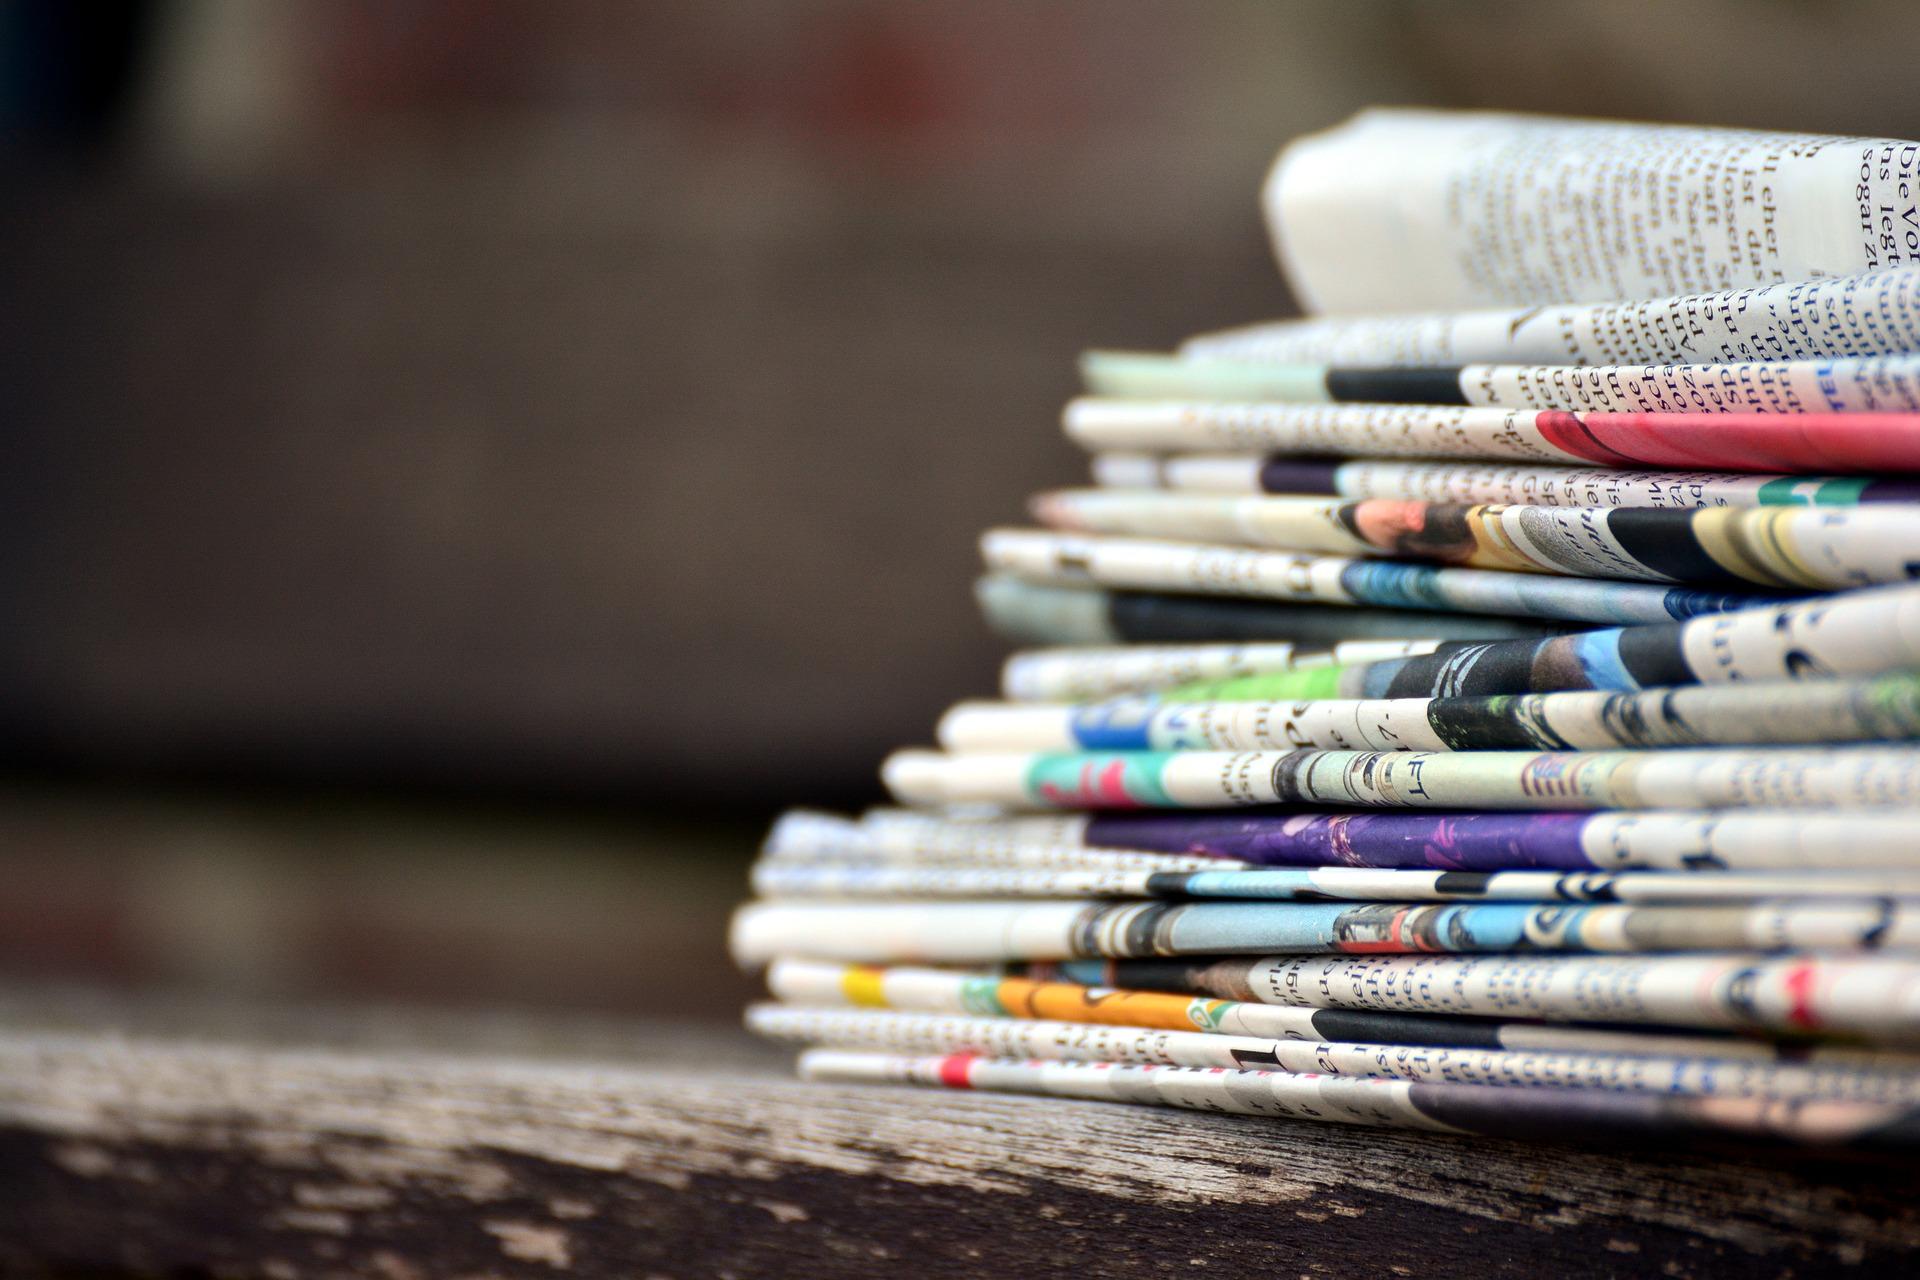 newspapers-3488861_1920.jpg